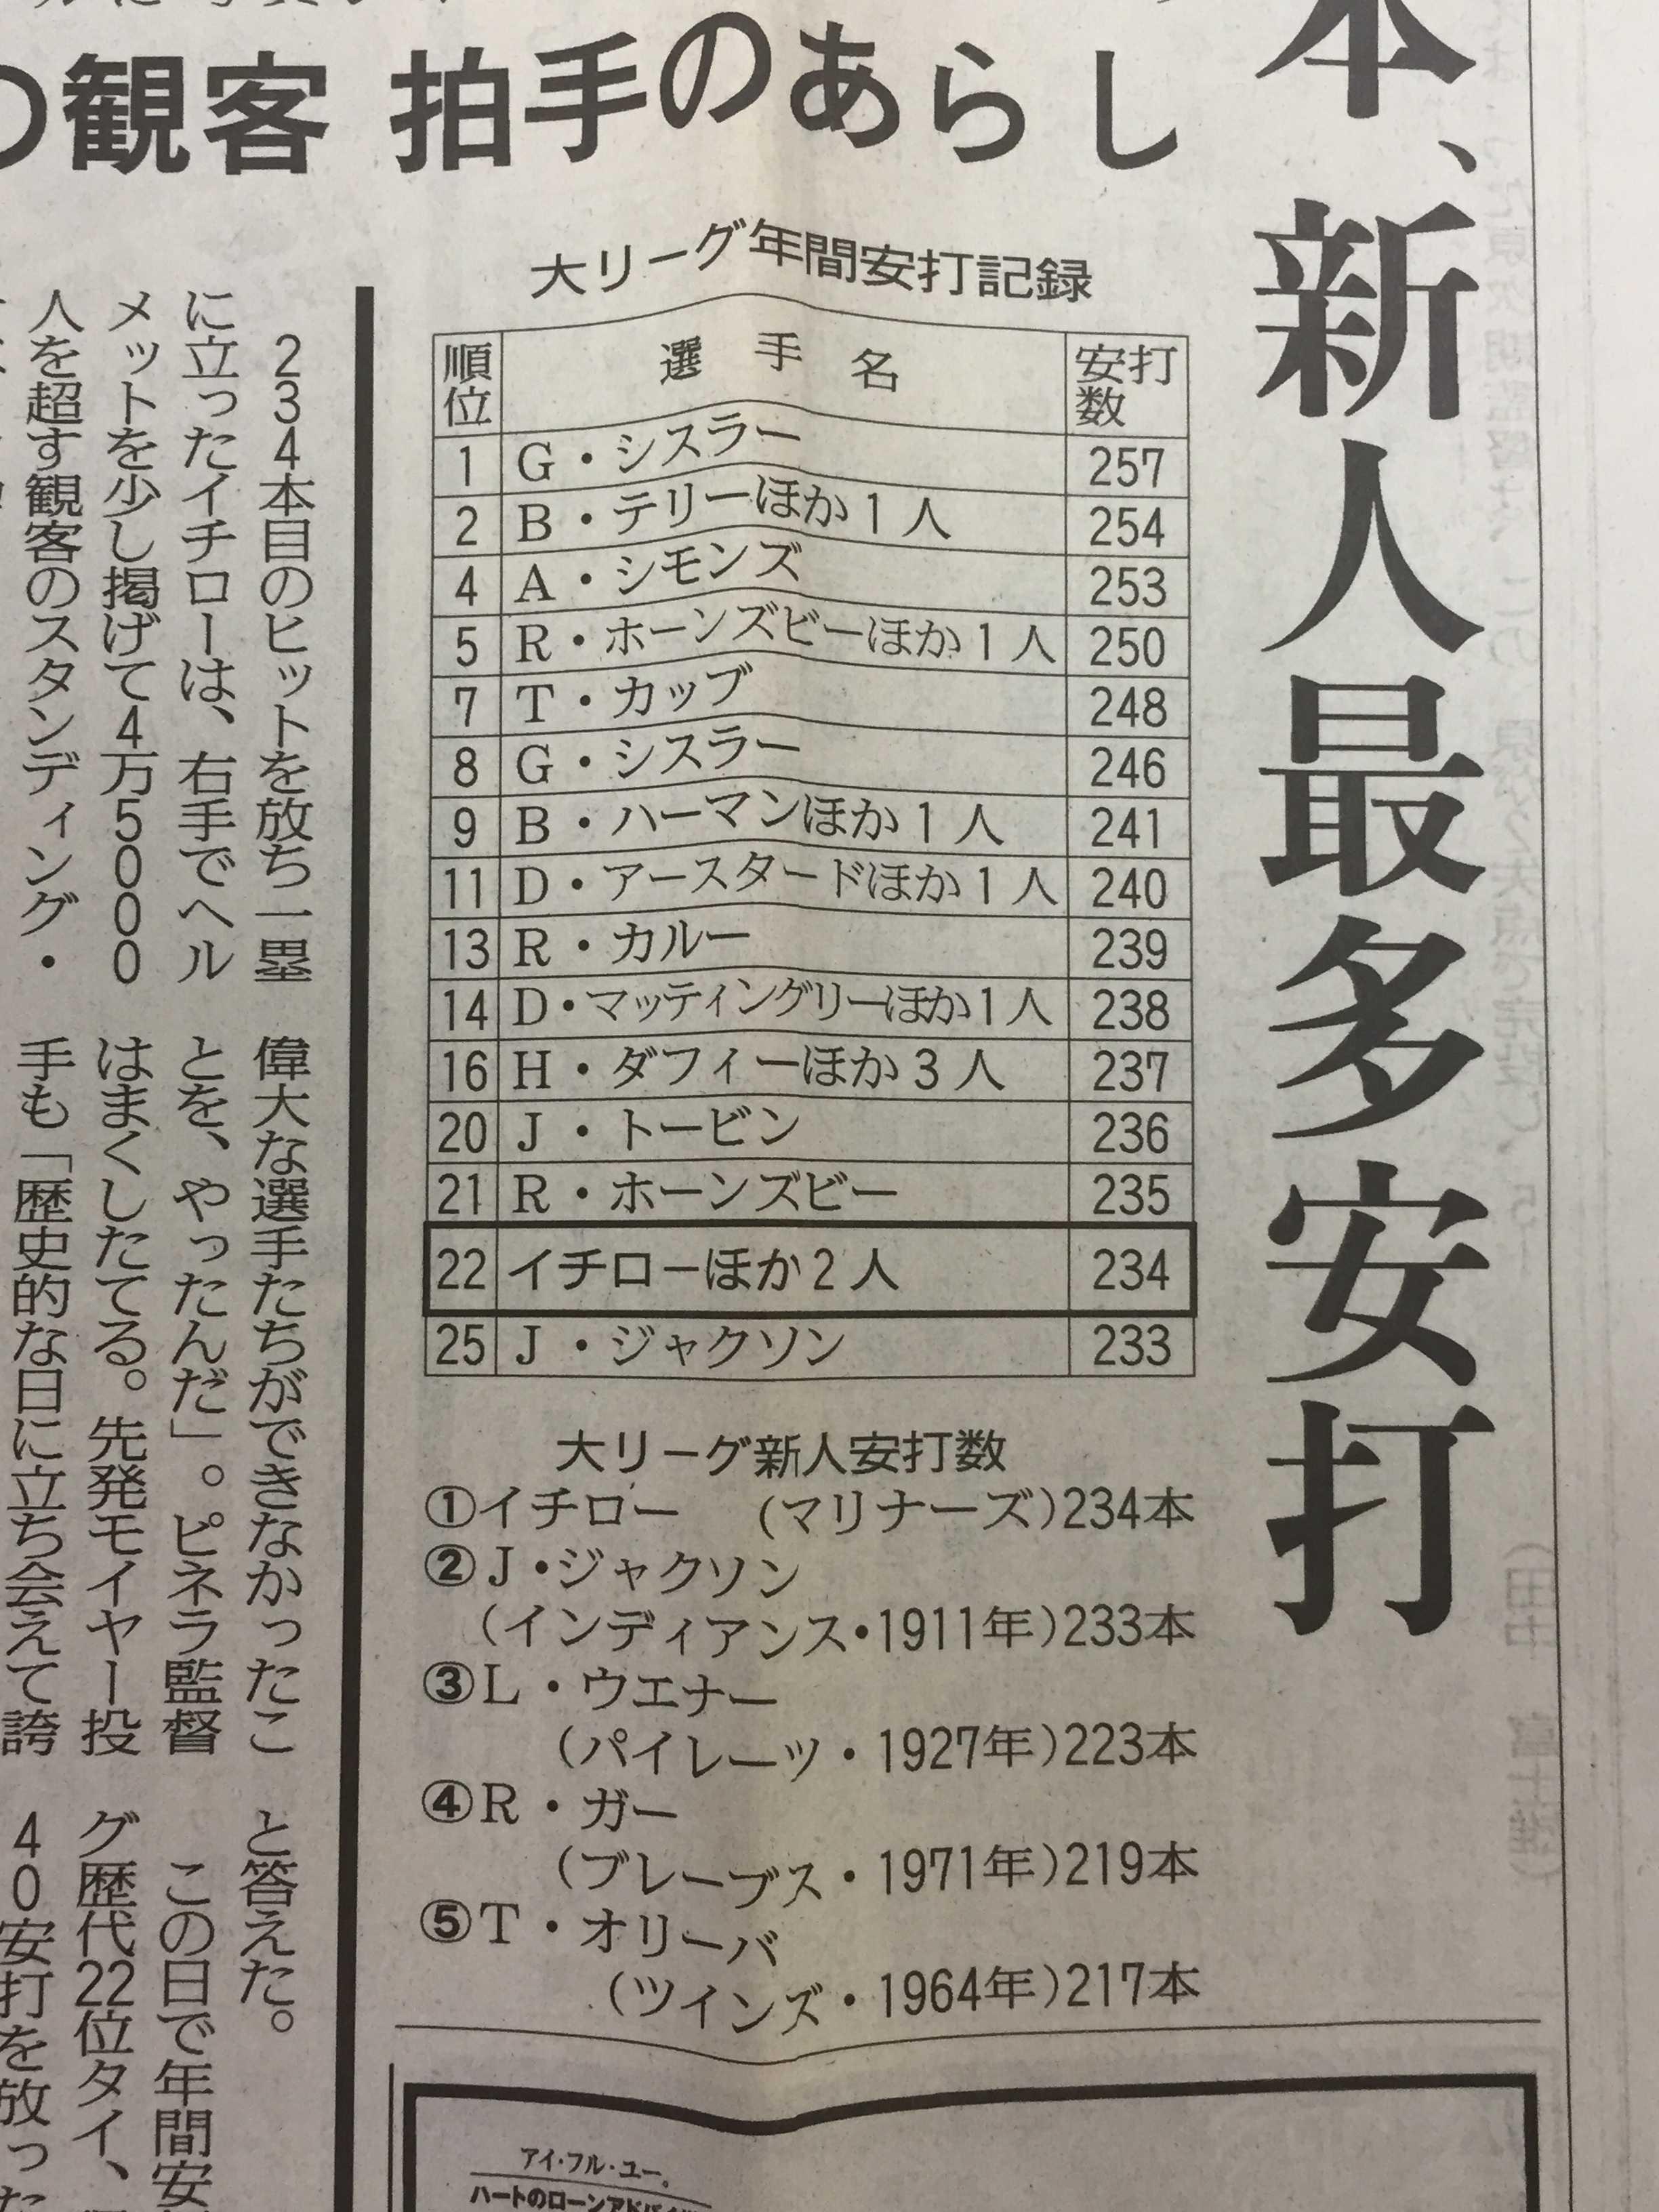 大リーグ年間安打記録(大リーグ新人安打数)